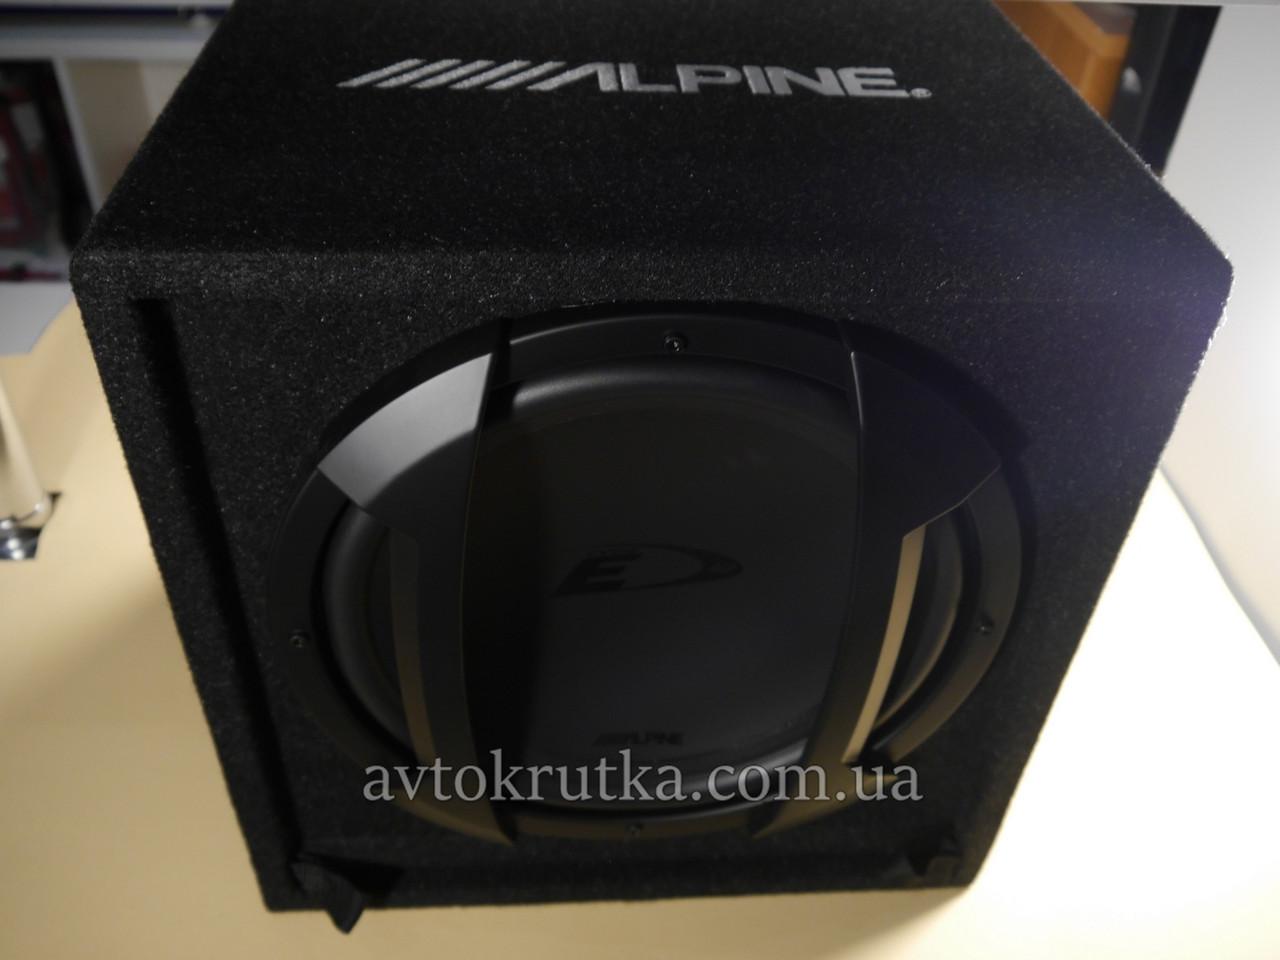 Автосабвуфер Alpine SBE-1244BR. Пассивный